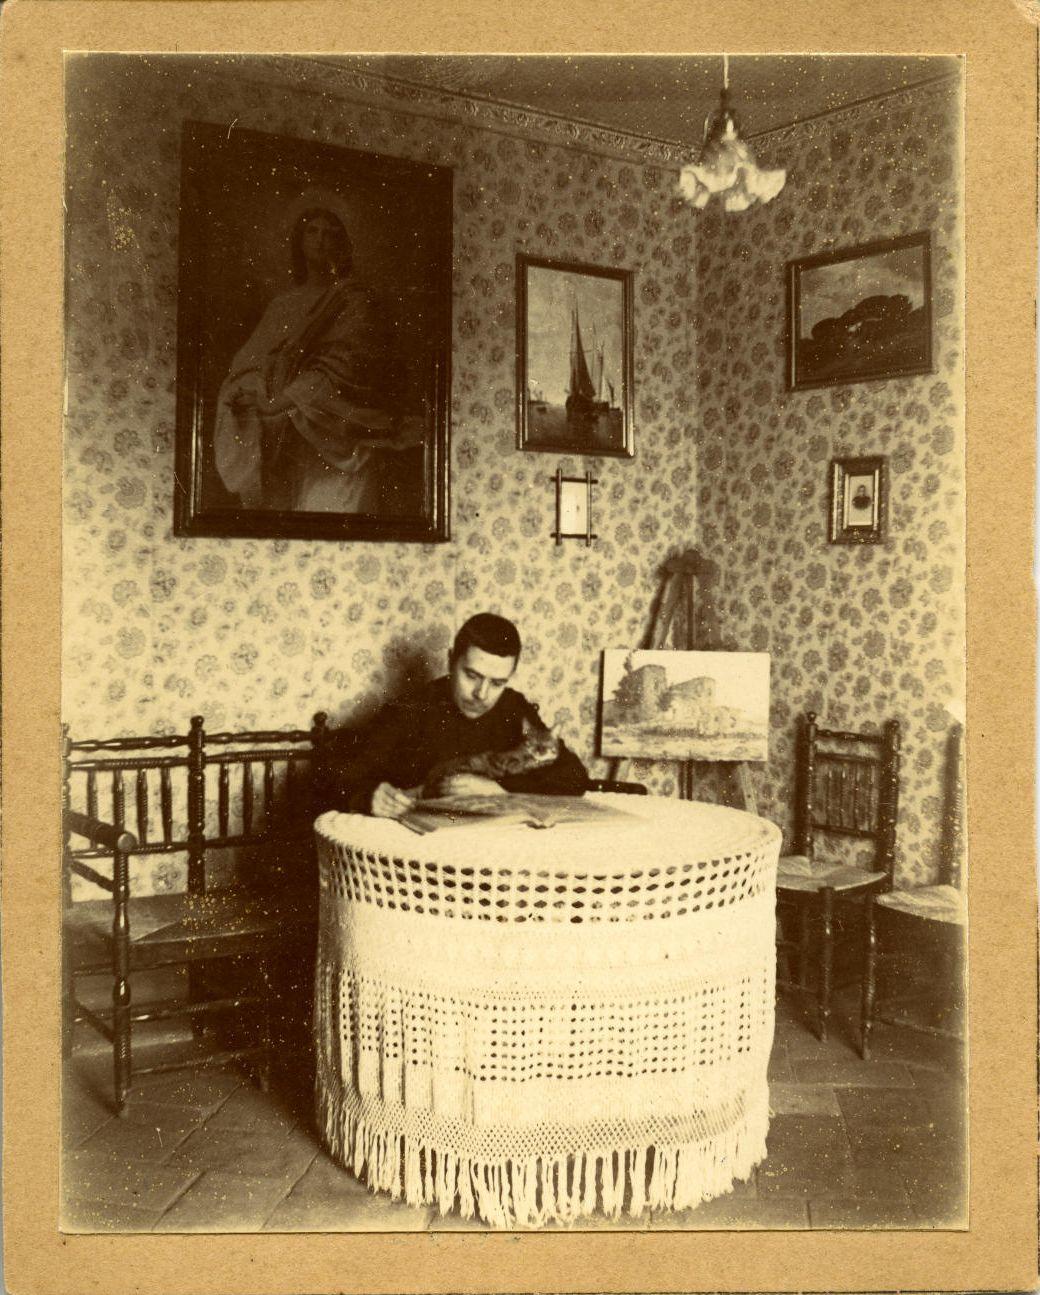 p.-Marcelino, hermano del pintor, en la casa familiar. 1907